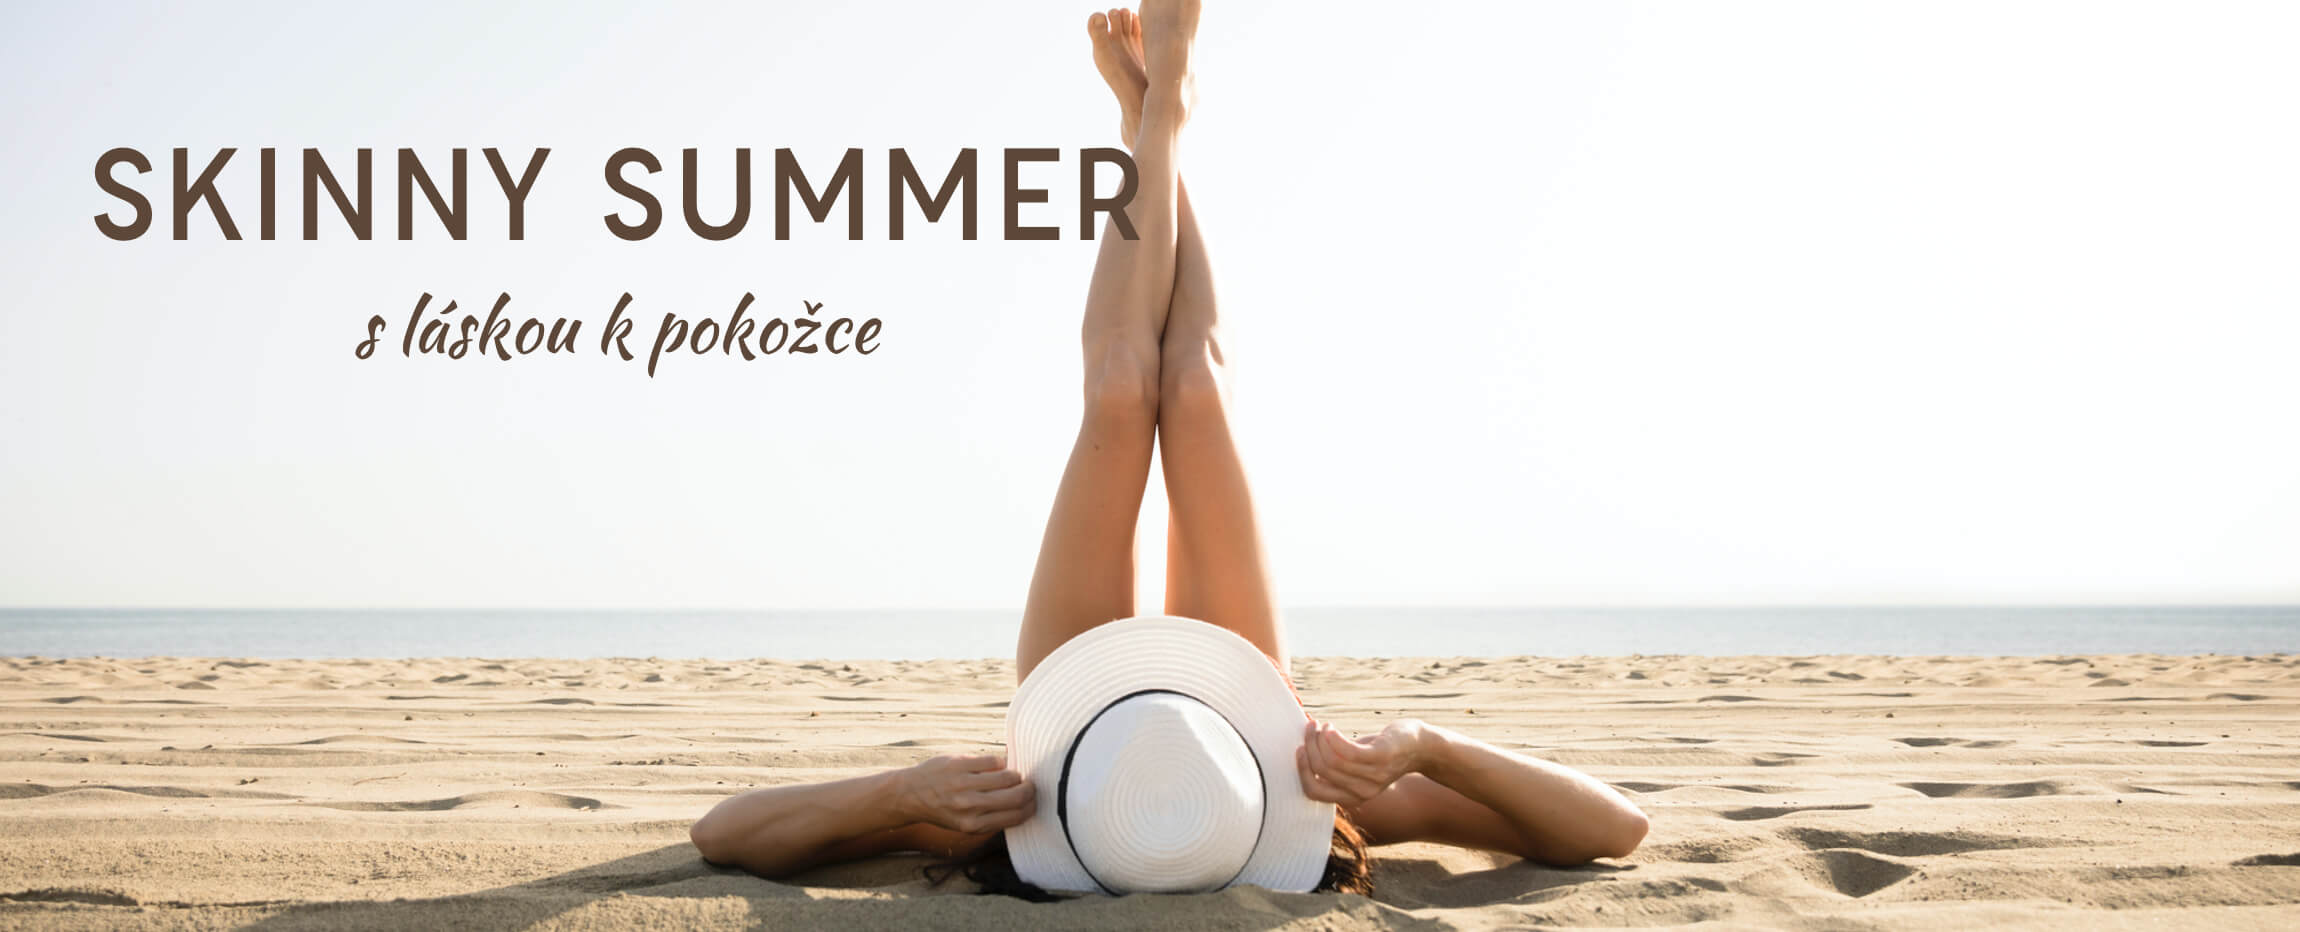 Skinny summer